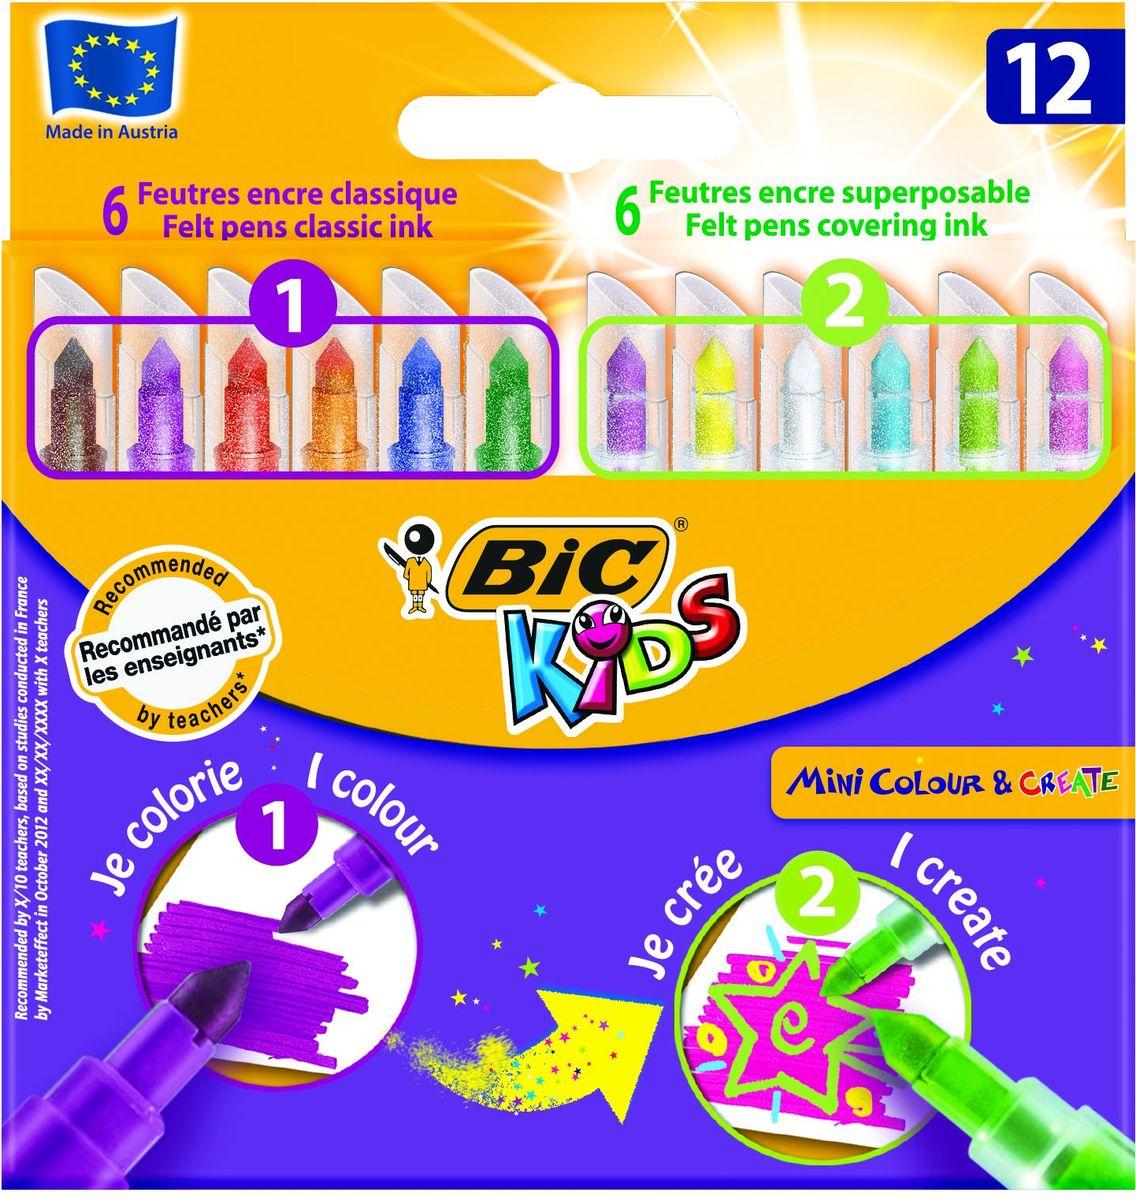 Bic Фломастеры Mini 12 цветовSMA510-V8-ETНабор Bic Mini включает 6 обычных и 6 тонирующих фломастеров, с помощью которых можно создавать специальные эффекты. Чернила на водной основе легко смываются с кожи, большинства материалов и отстирываются с одежды. Цветные фломастеры – это просто находка для маленьких любителей рисовать! Фломастеры оборудованы вентилируемым колпачком (в случае, если ребенок проглотит его, он сможет дышать). Конический пишущий узел позволяет рисовать как толстыми, так и тонкими линиями. Фиксированный пишущий узел не даст стержню провалиться даже при сильном нажатии. Идеальны для ежедневного использования детьми от 5 лет.Уважаемые клиенты! Обращаем ваше внимание на возможные изменения в дизайне упаковки. Качественные характеристики товара остаются неизменными. Поставка осуществляется в зависимости от наличия на складе.